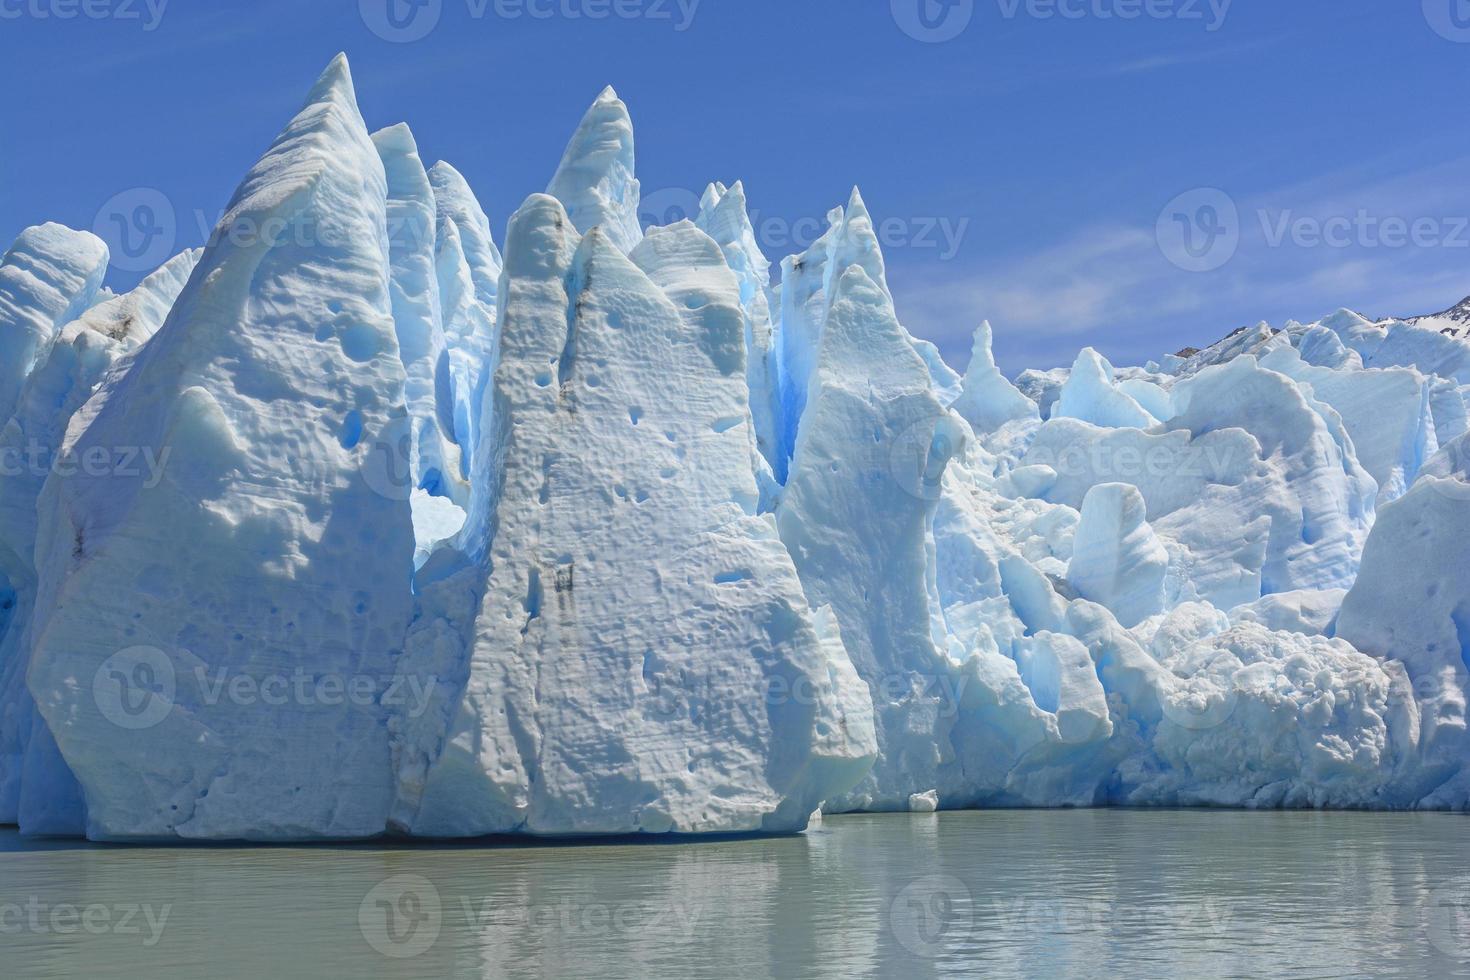 dramáticas formações de gelo no dedo de uma geleira foto